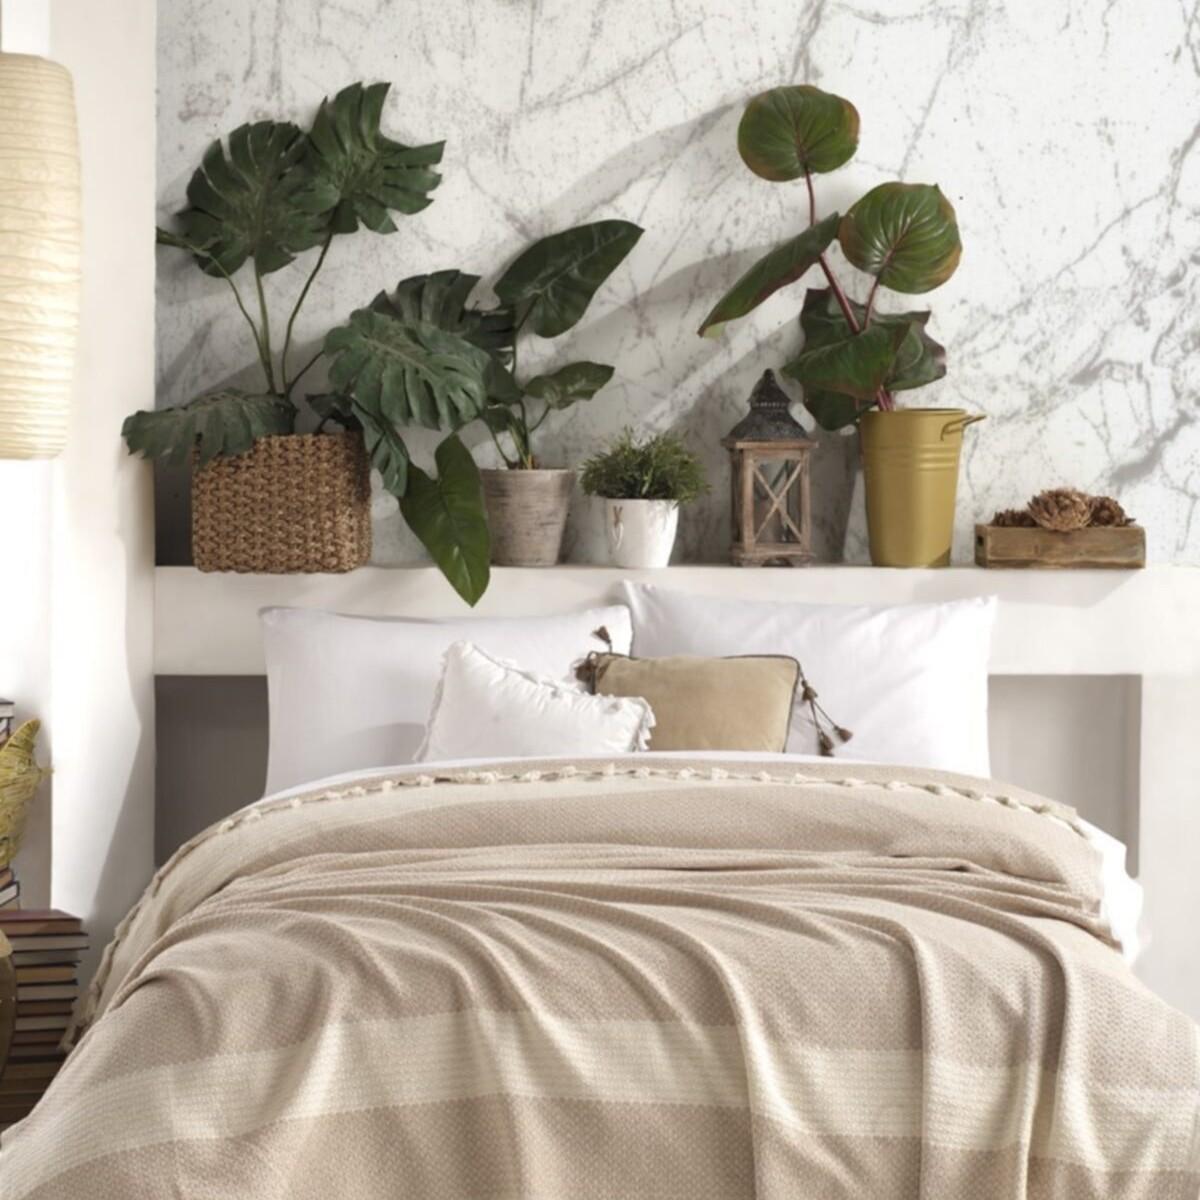 Одеяло Vendavel 100% памук